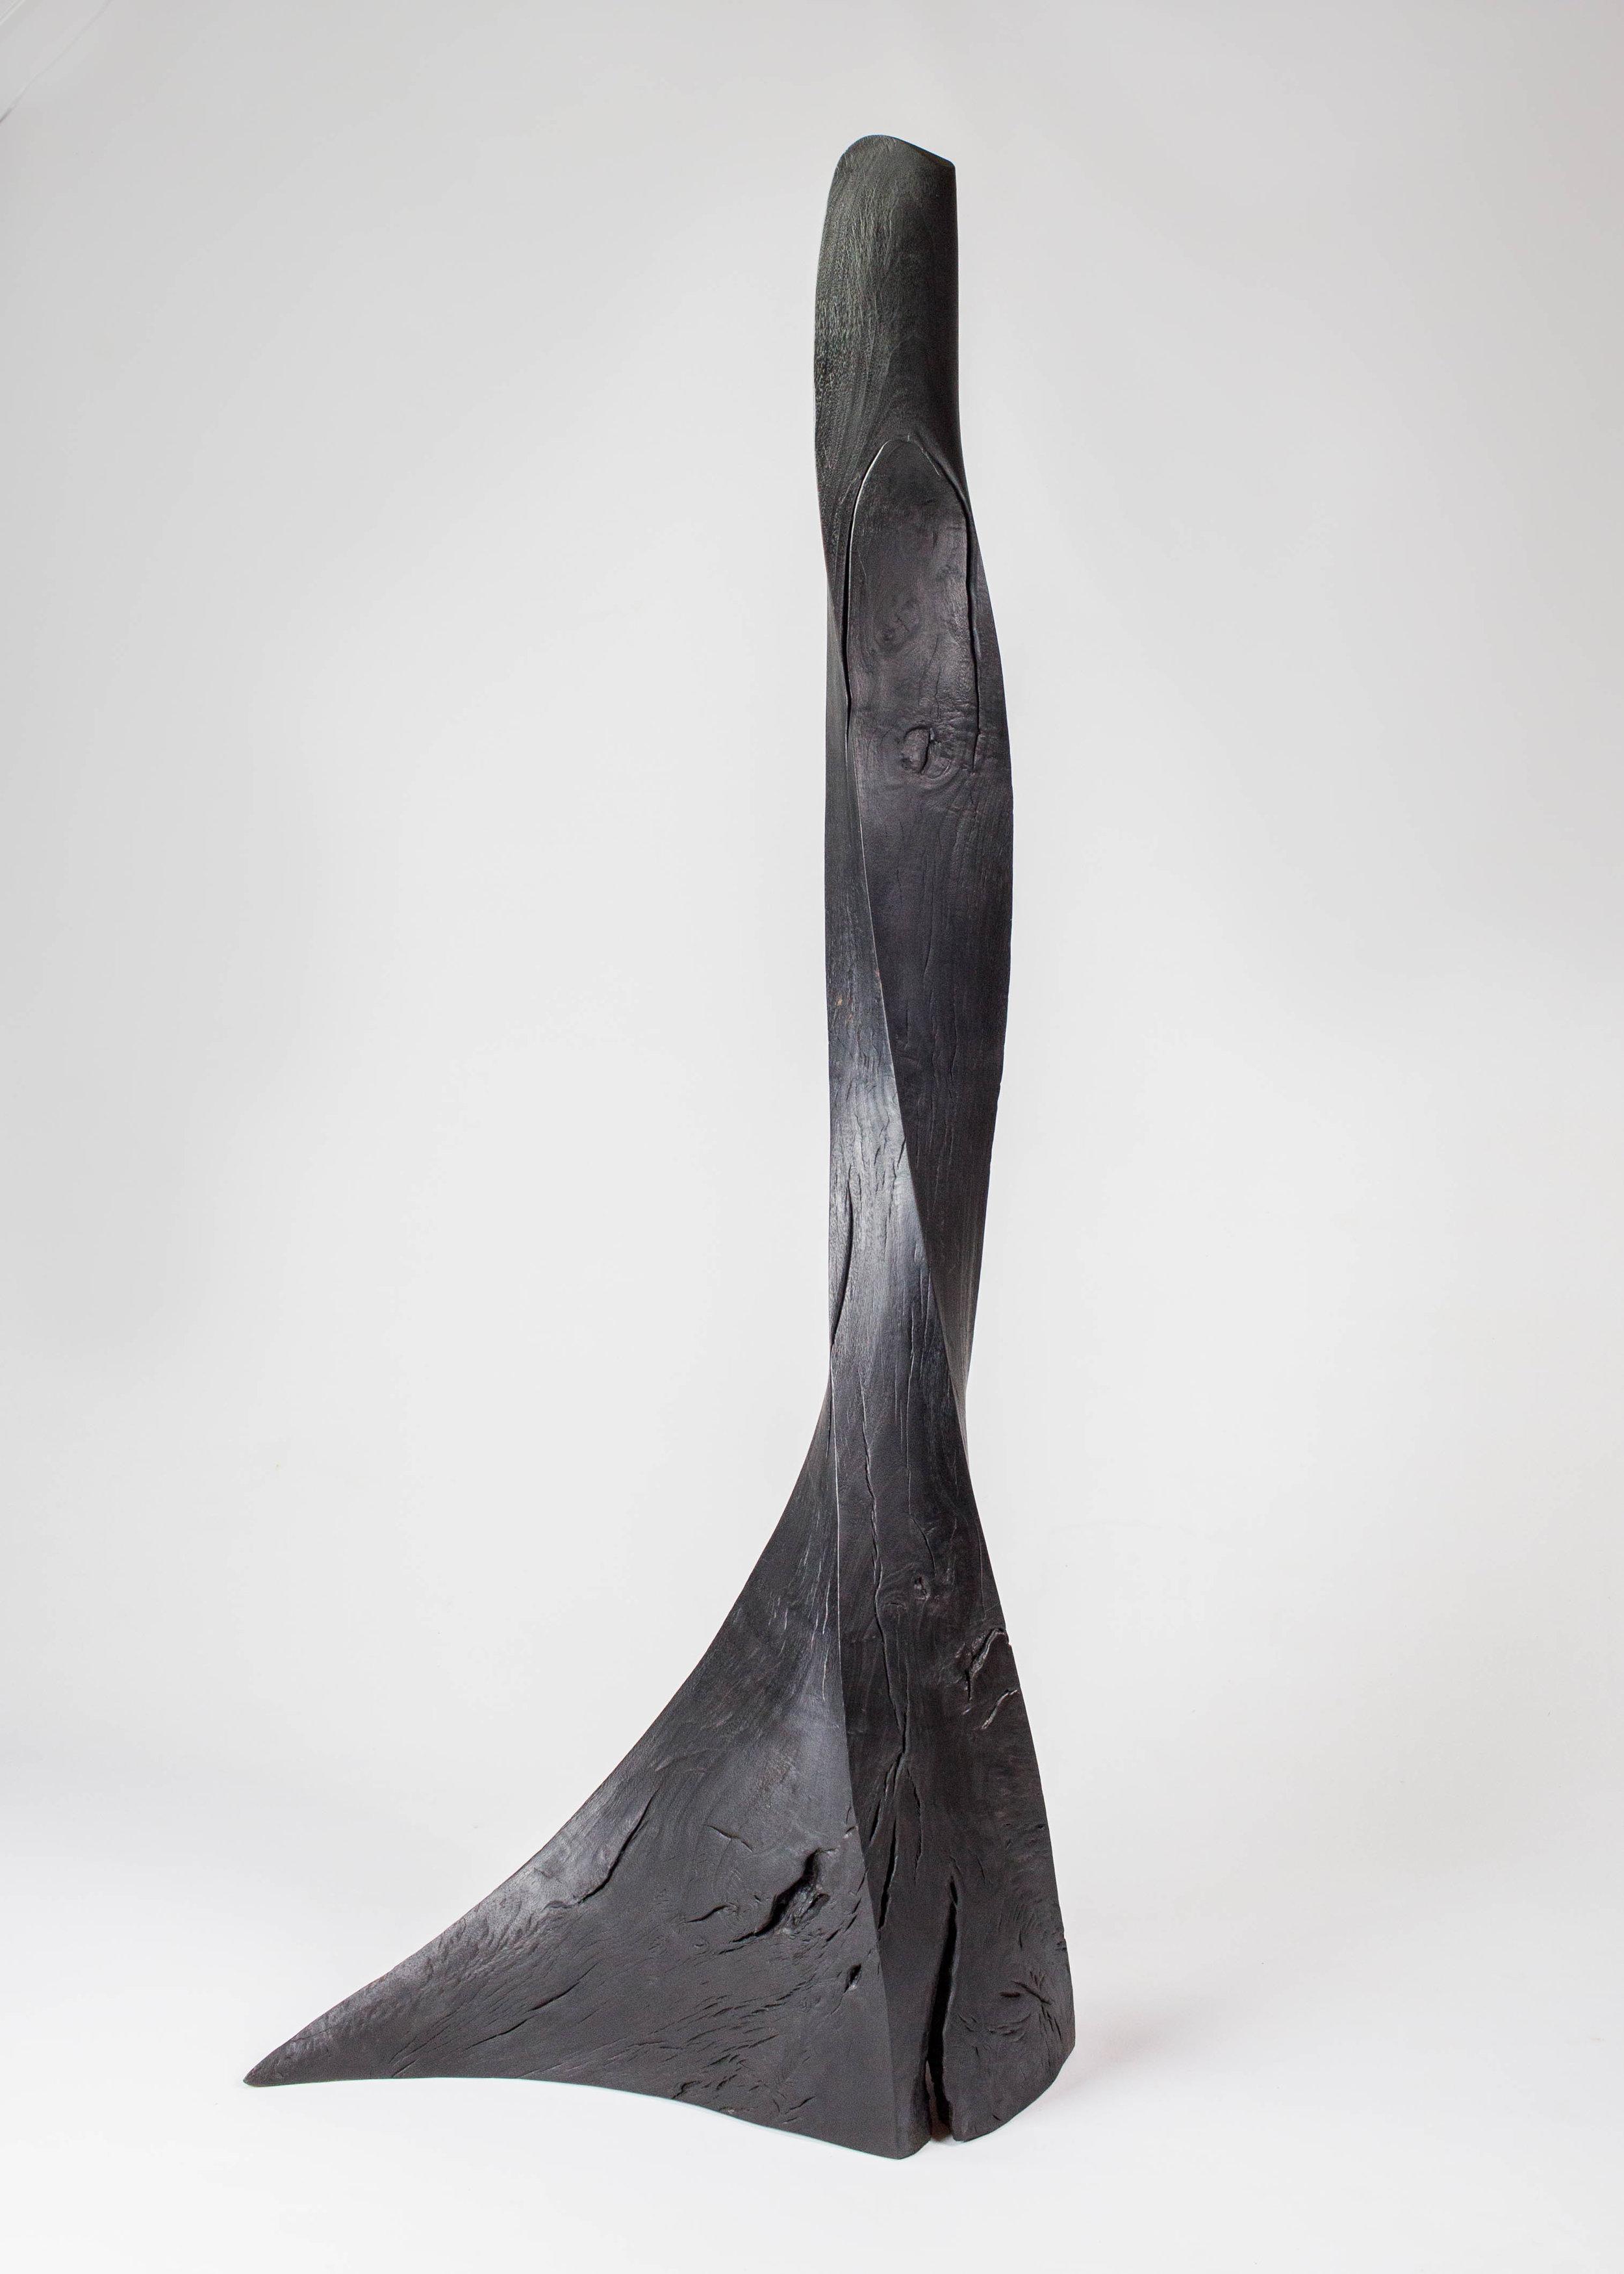 ben-riddering-twisted-wood-sculpture